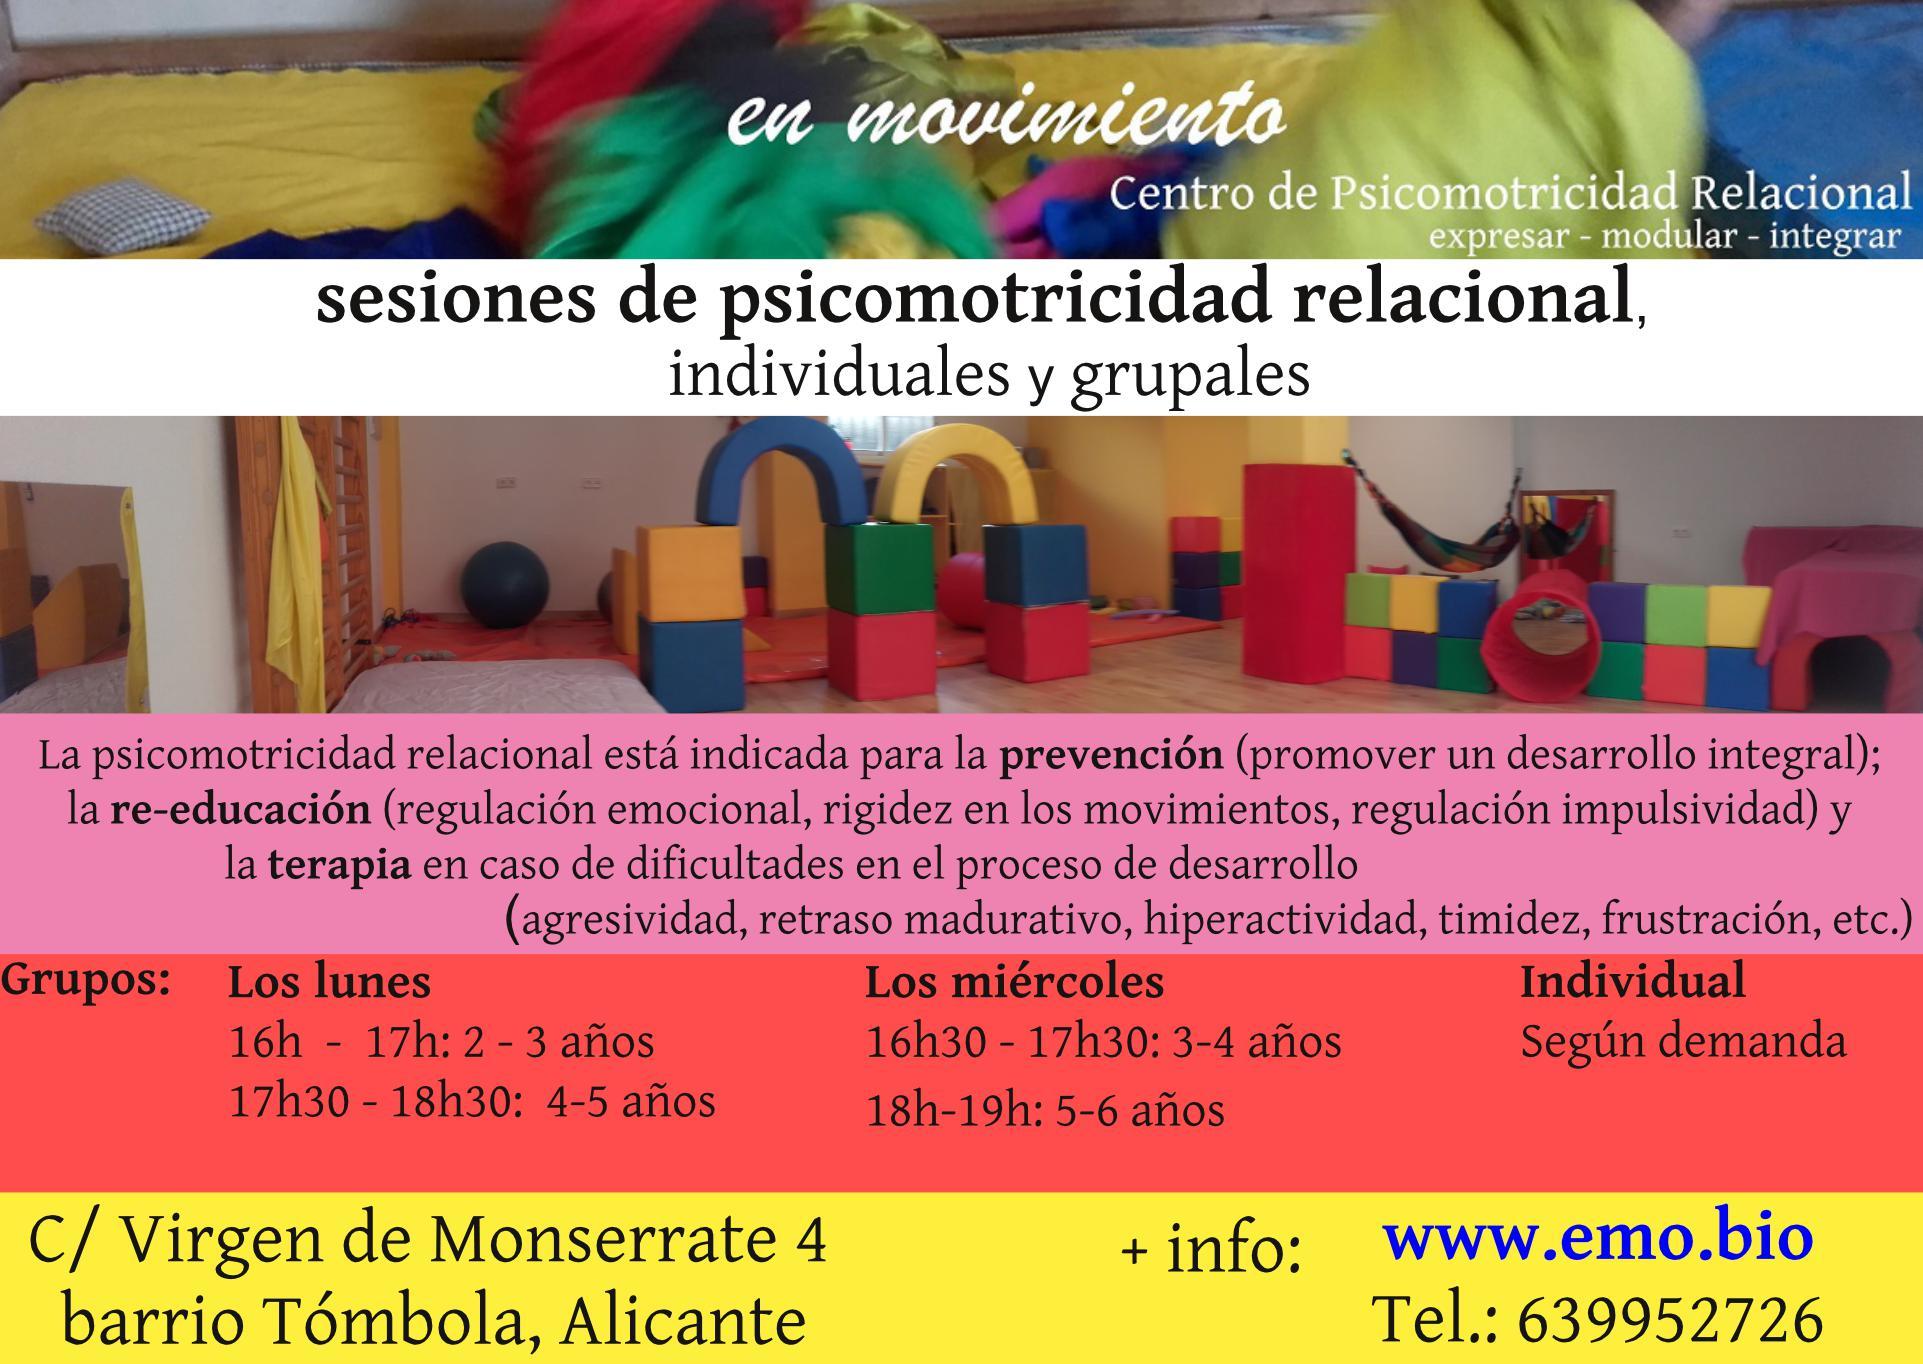 nuevo horario 2021: sesiones de psicomotricidad relacional